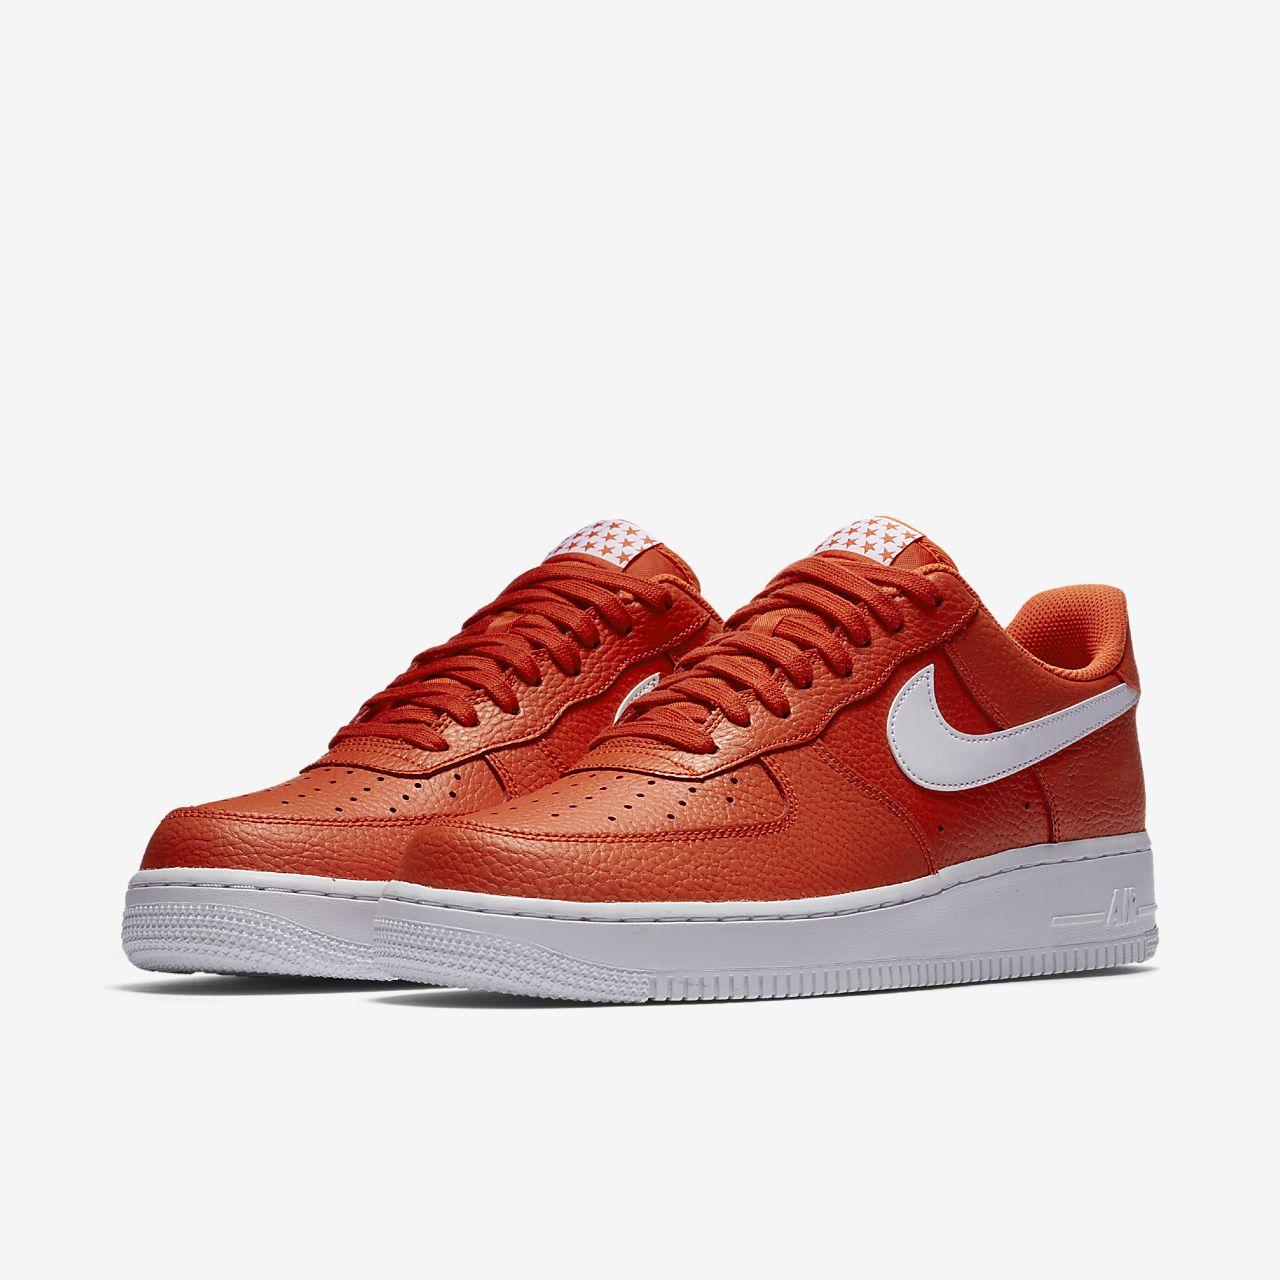 Air Force 1 07 Dans Aa4083-800 D'orange - Nike Orange xh4na8LhY5,